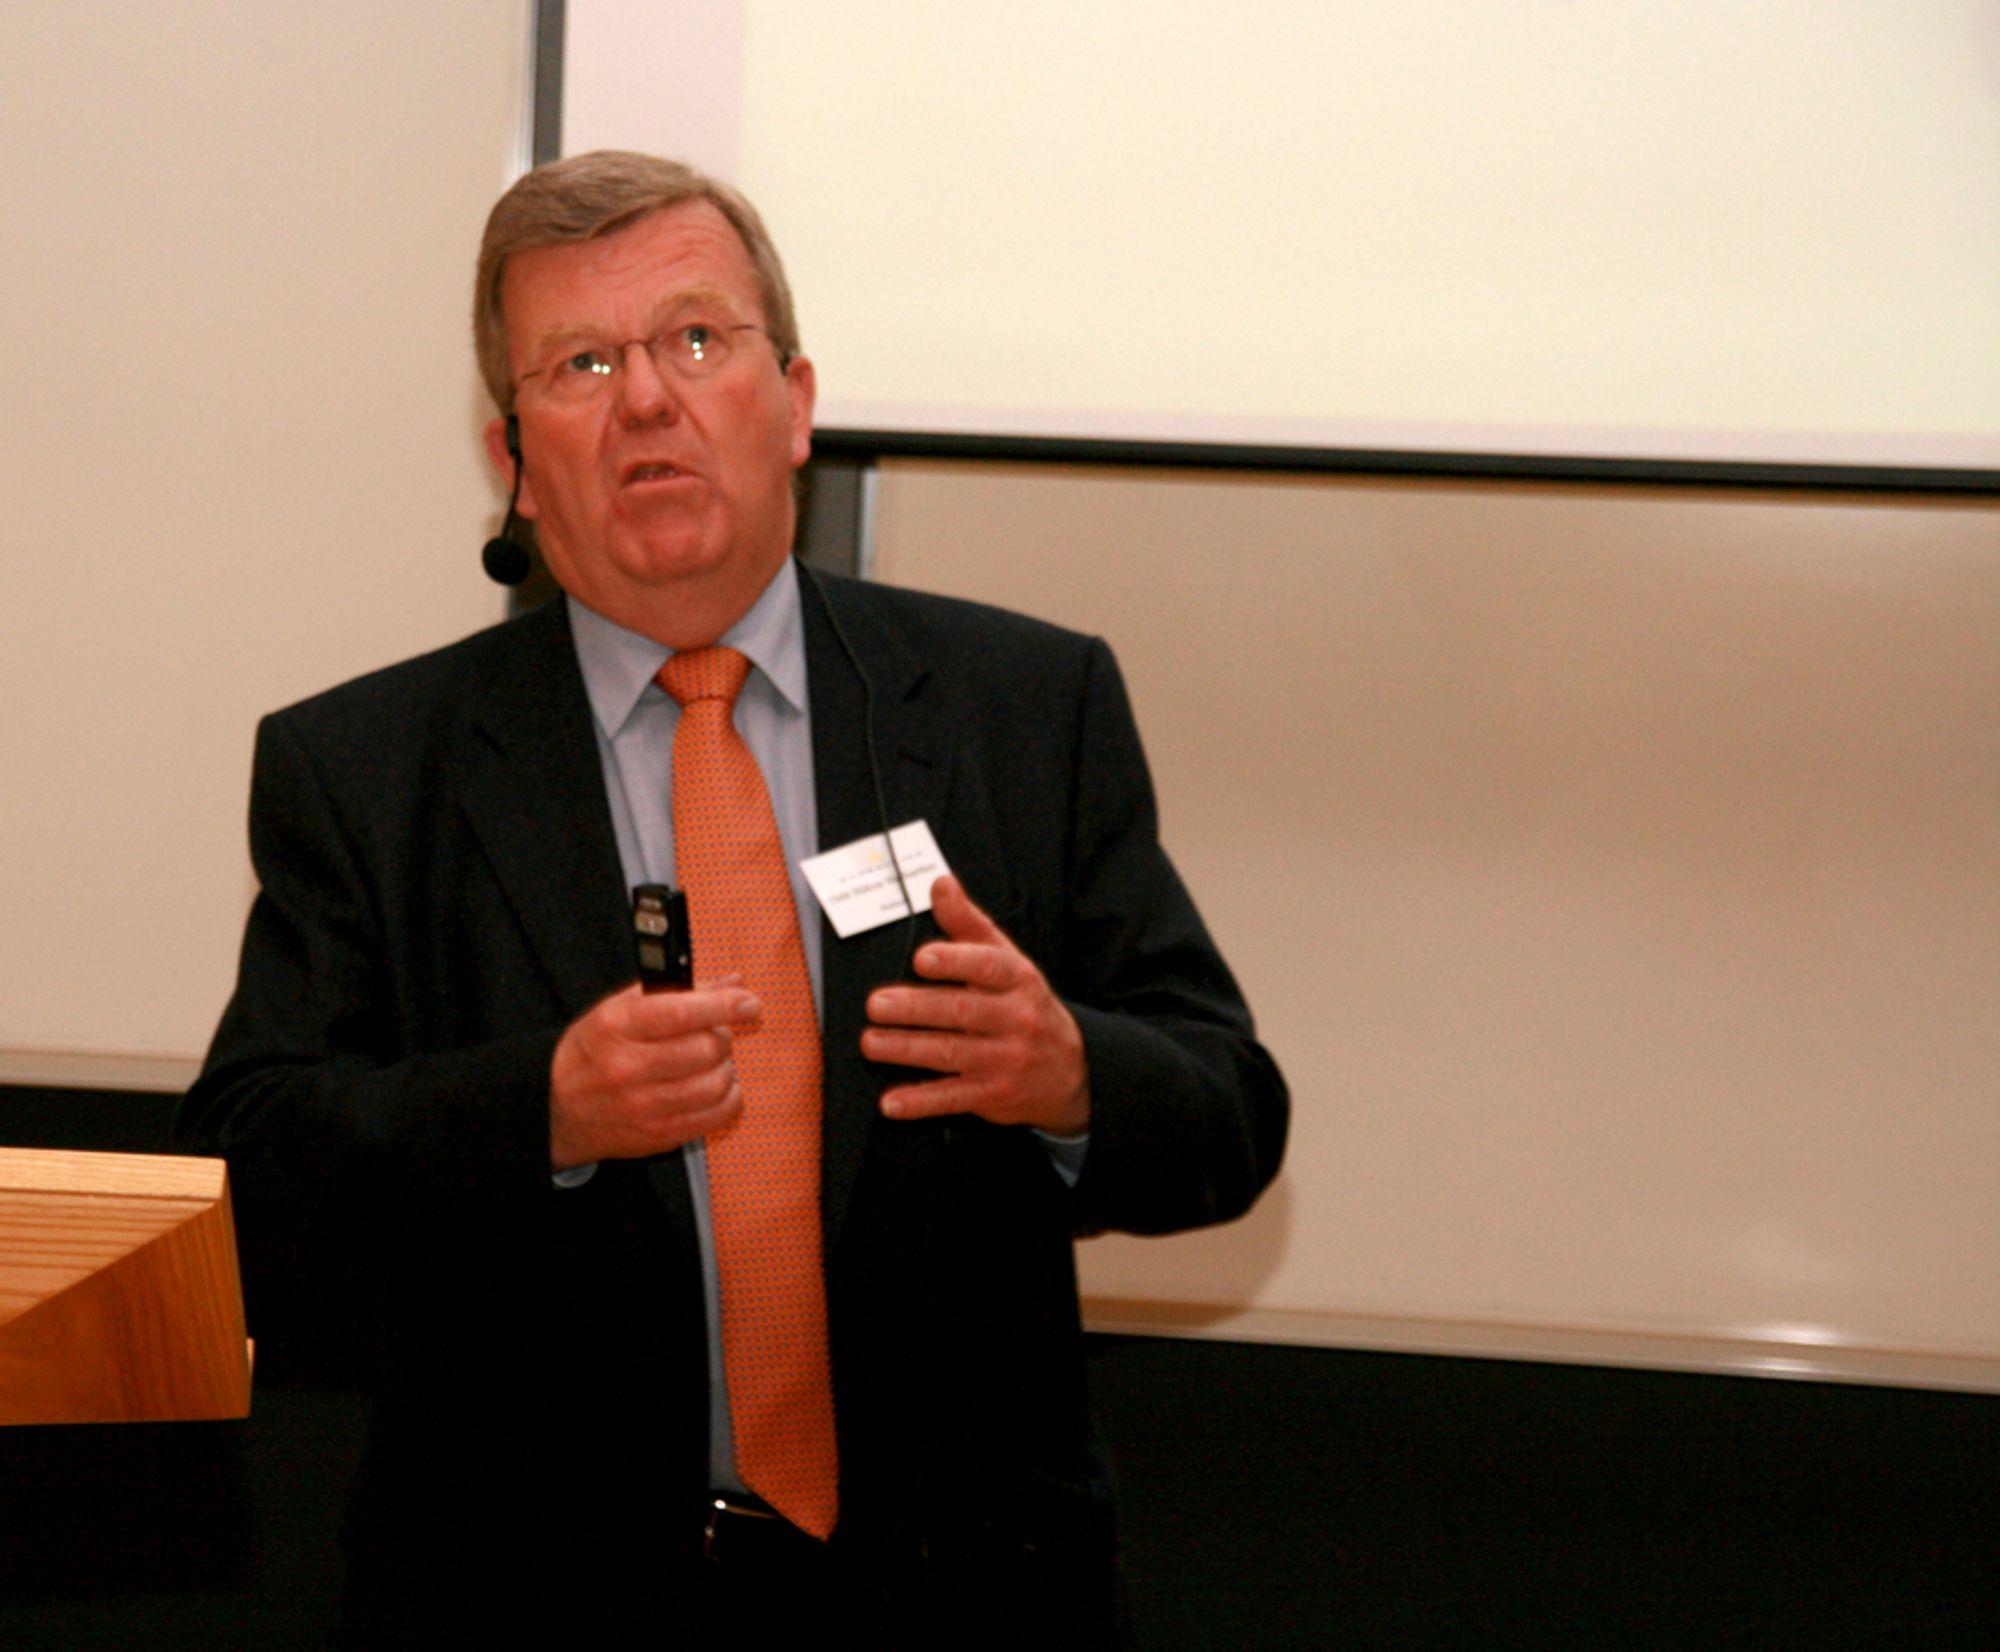 Statnett-sjef Odd Håkon Hoelsæter skal ønske å selge seg ut av Nord Pool.